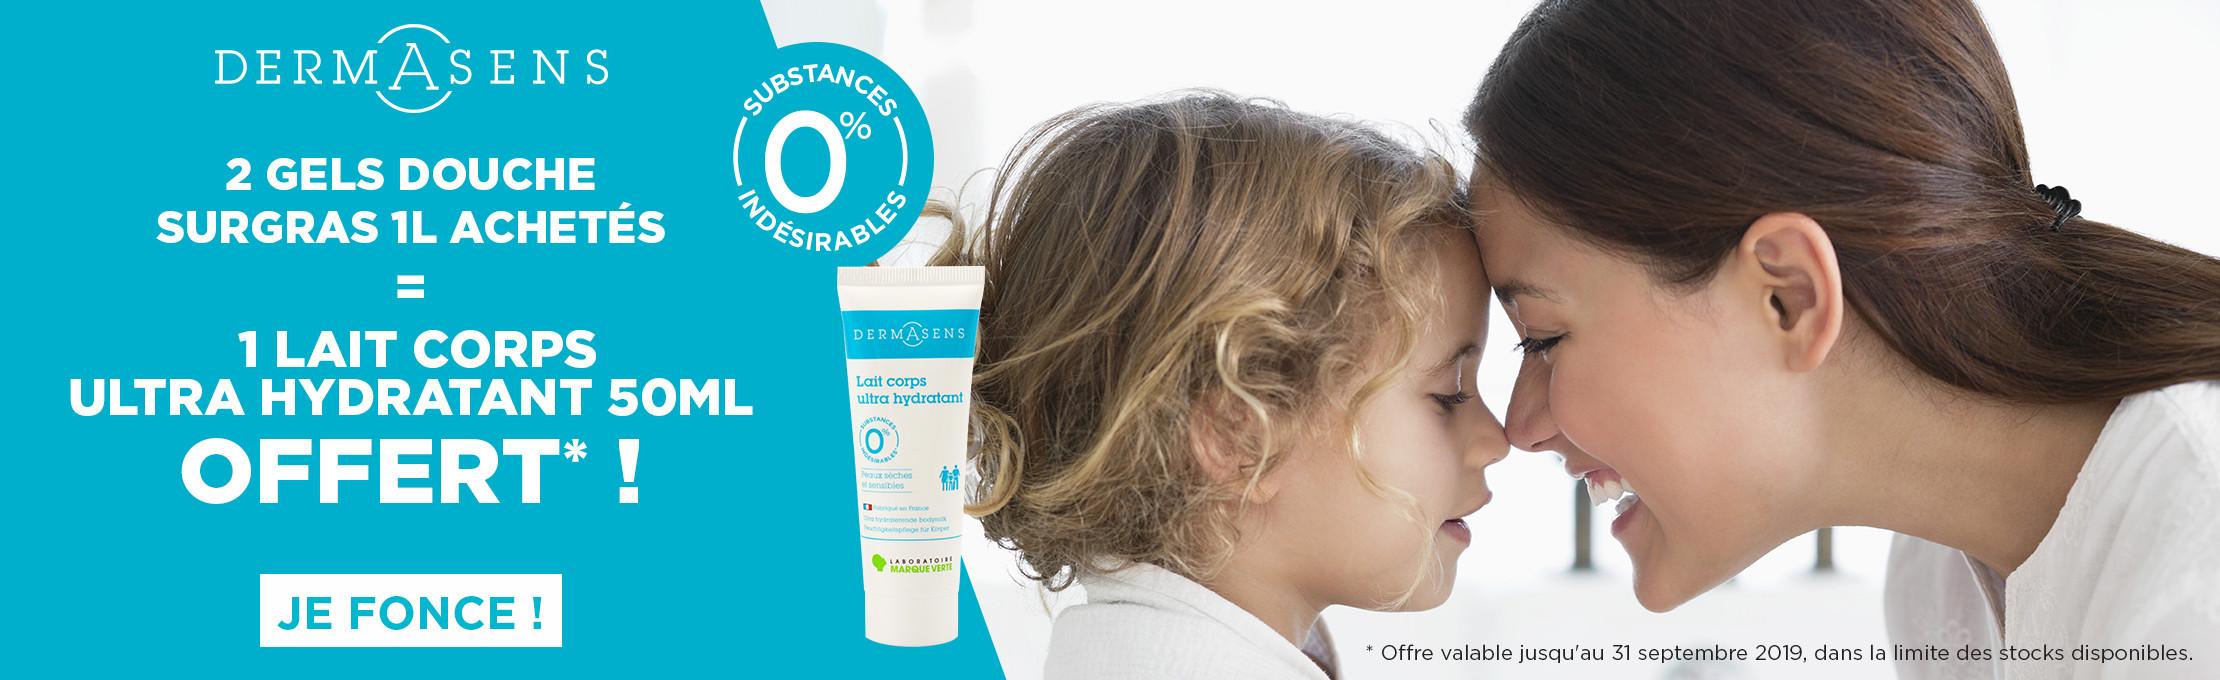 2 gels douche surgras Dermasens achetés = 1 lait corps hydratant 50ml en cadeau !